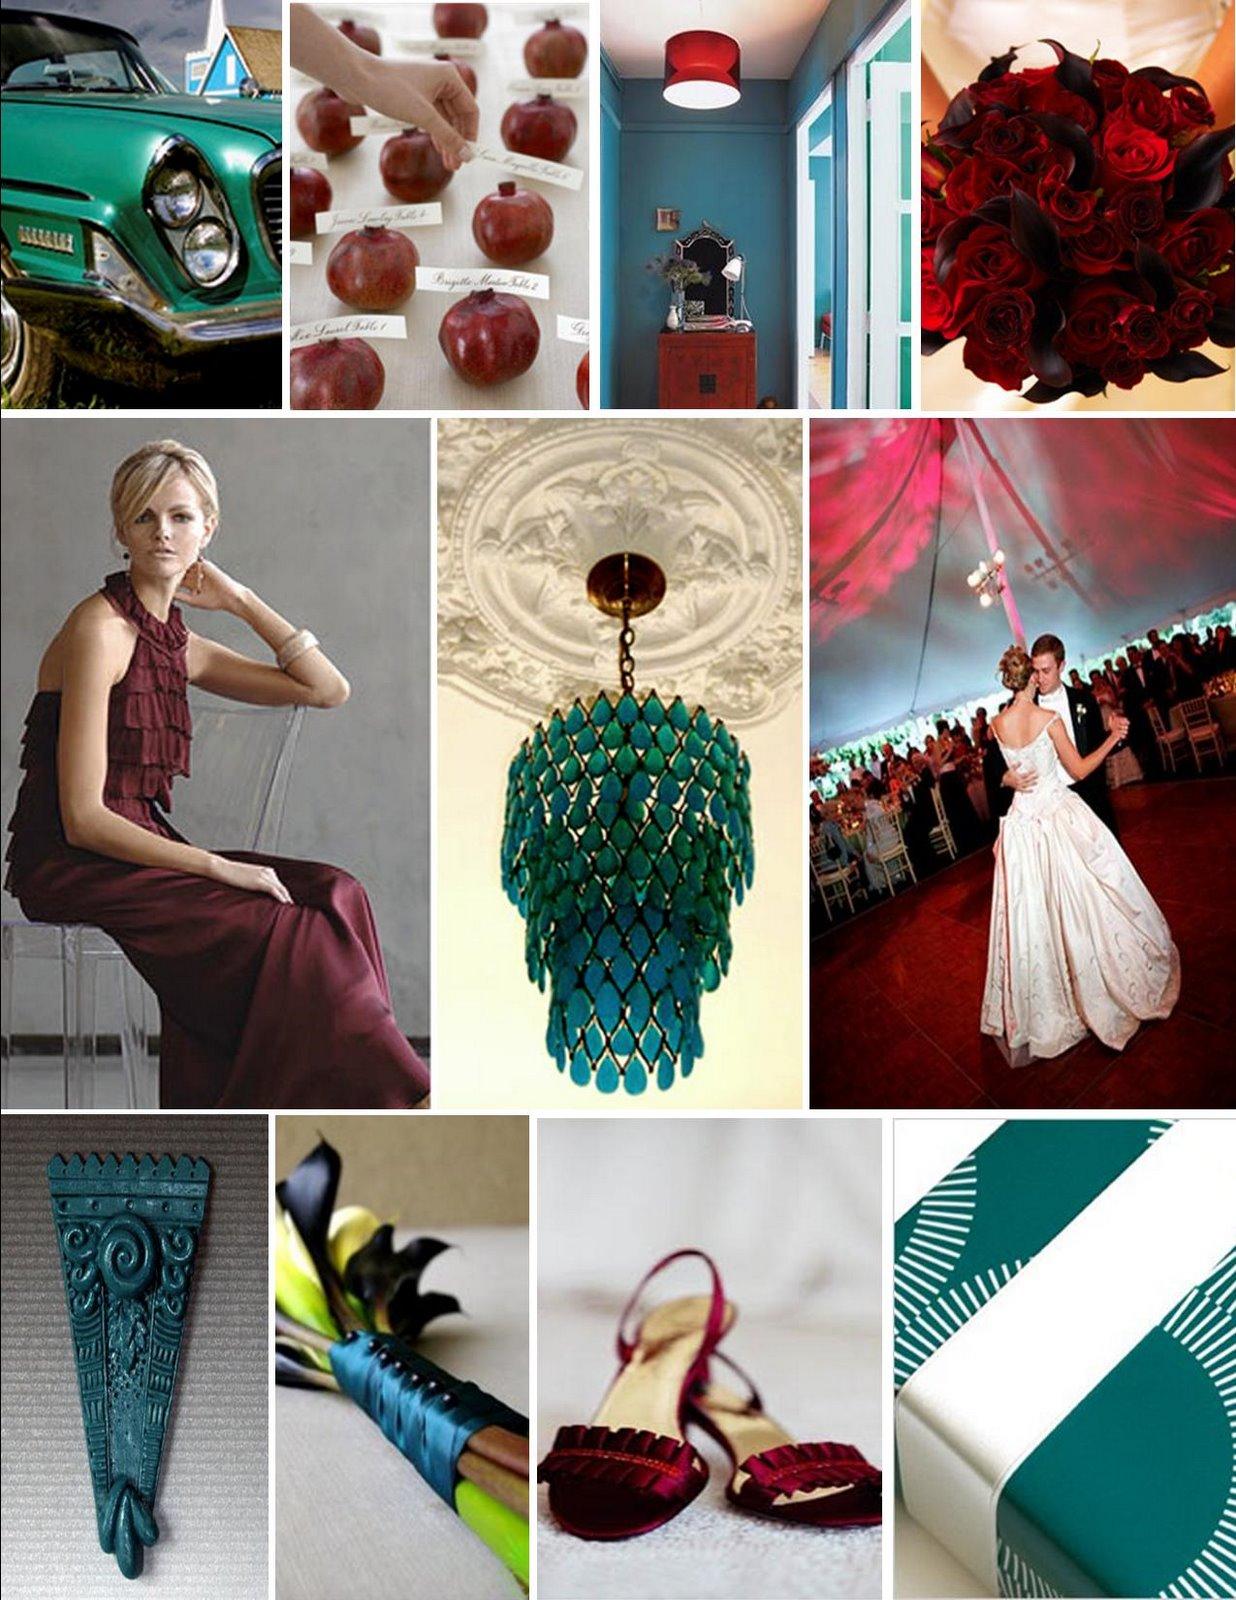 wedding cabaret muse board burgundy teal. Black Bedroom Furniture Sets. Home Design Ideas